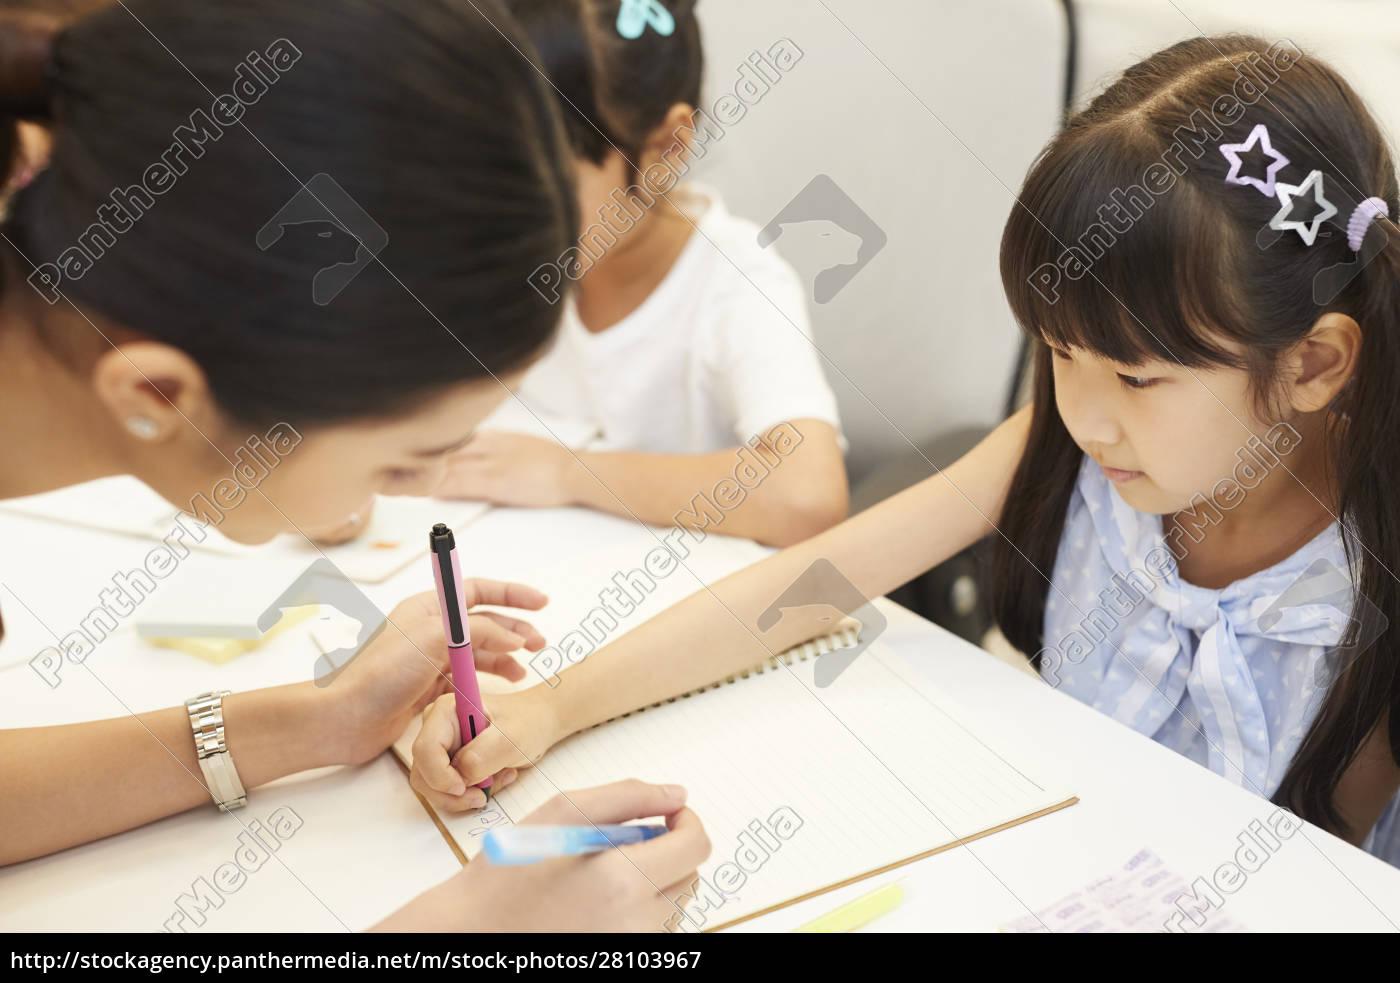 Życie, szkolne, dla, dzieci, w, wieku - 28103967